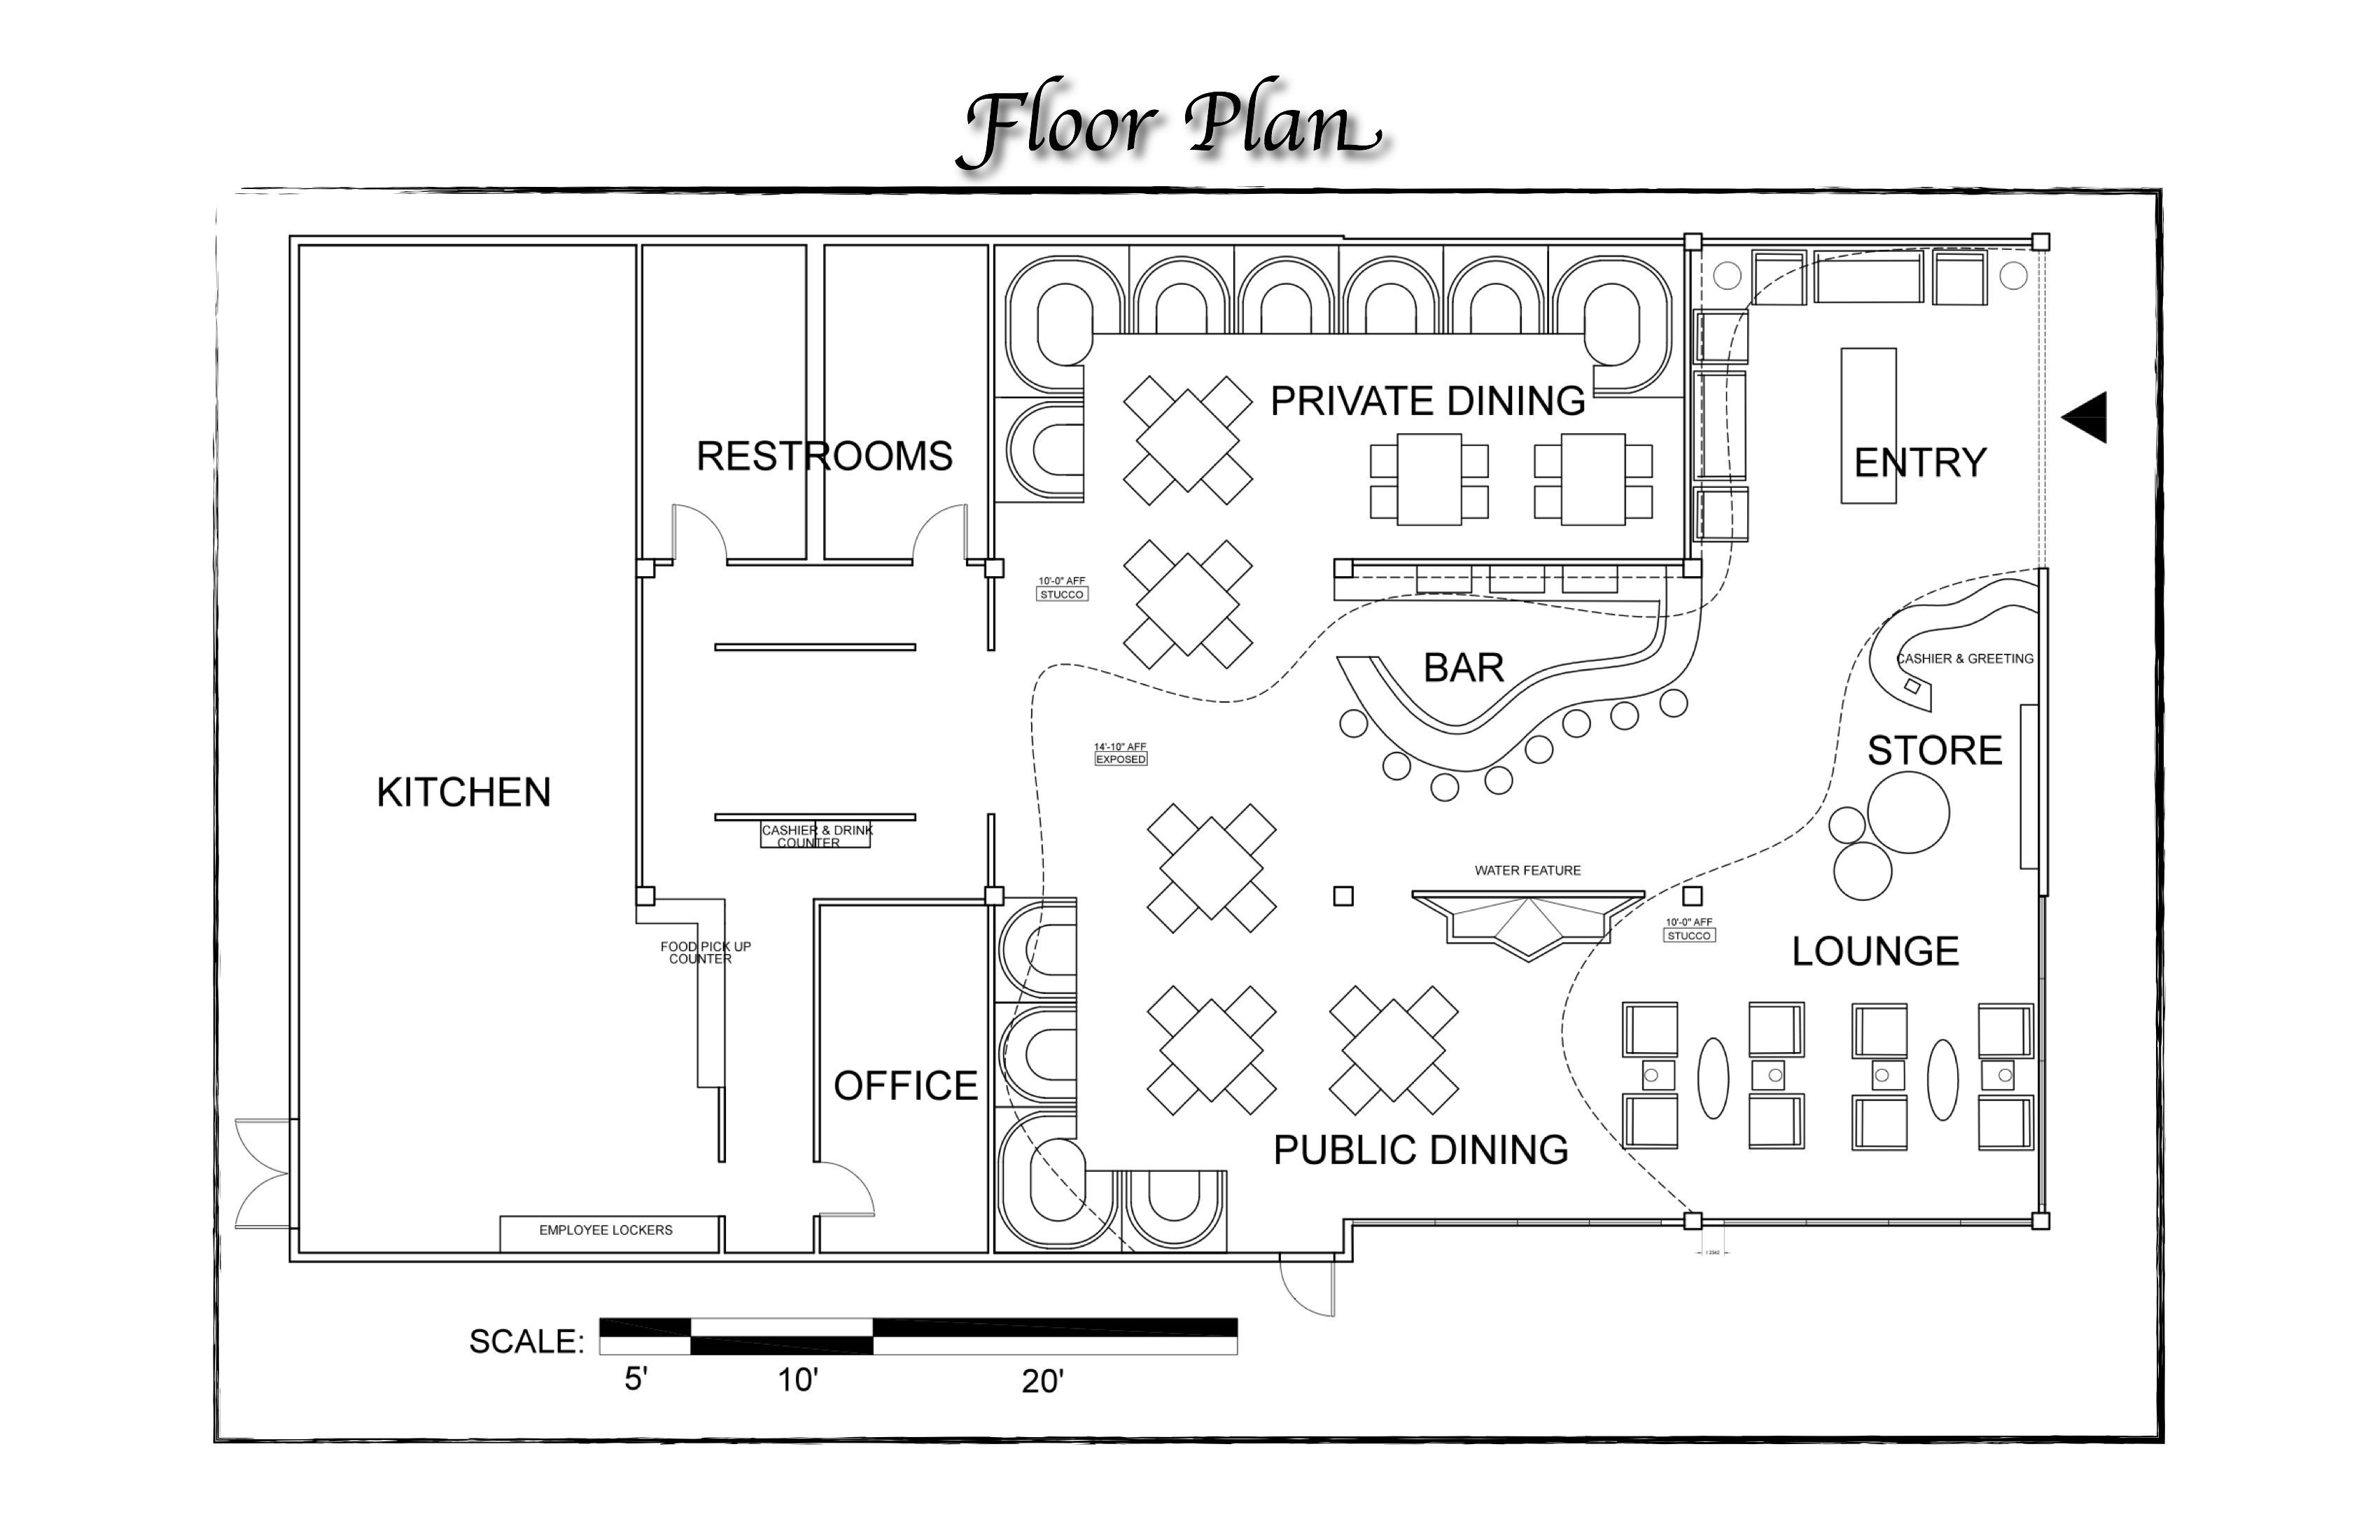 fast food restaurant design layout   Ресторан, План